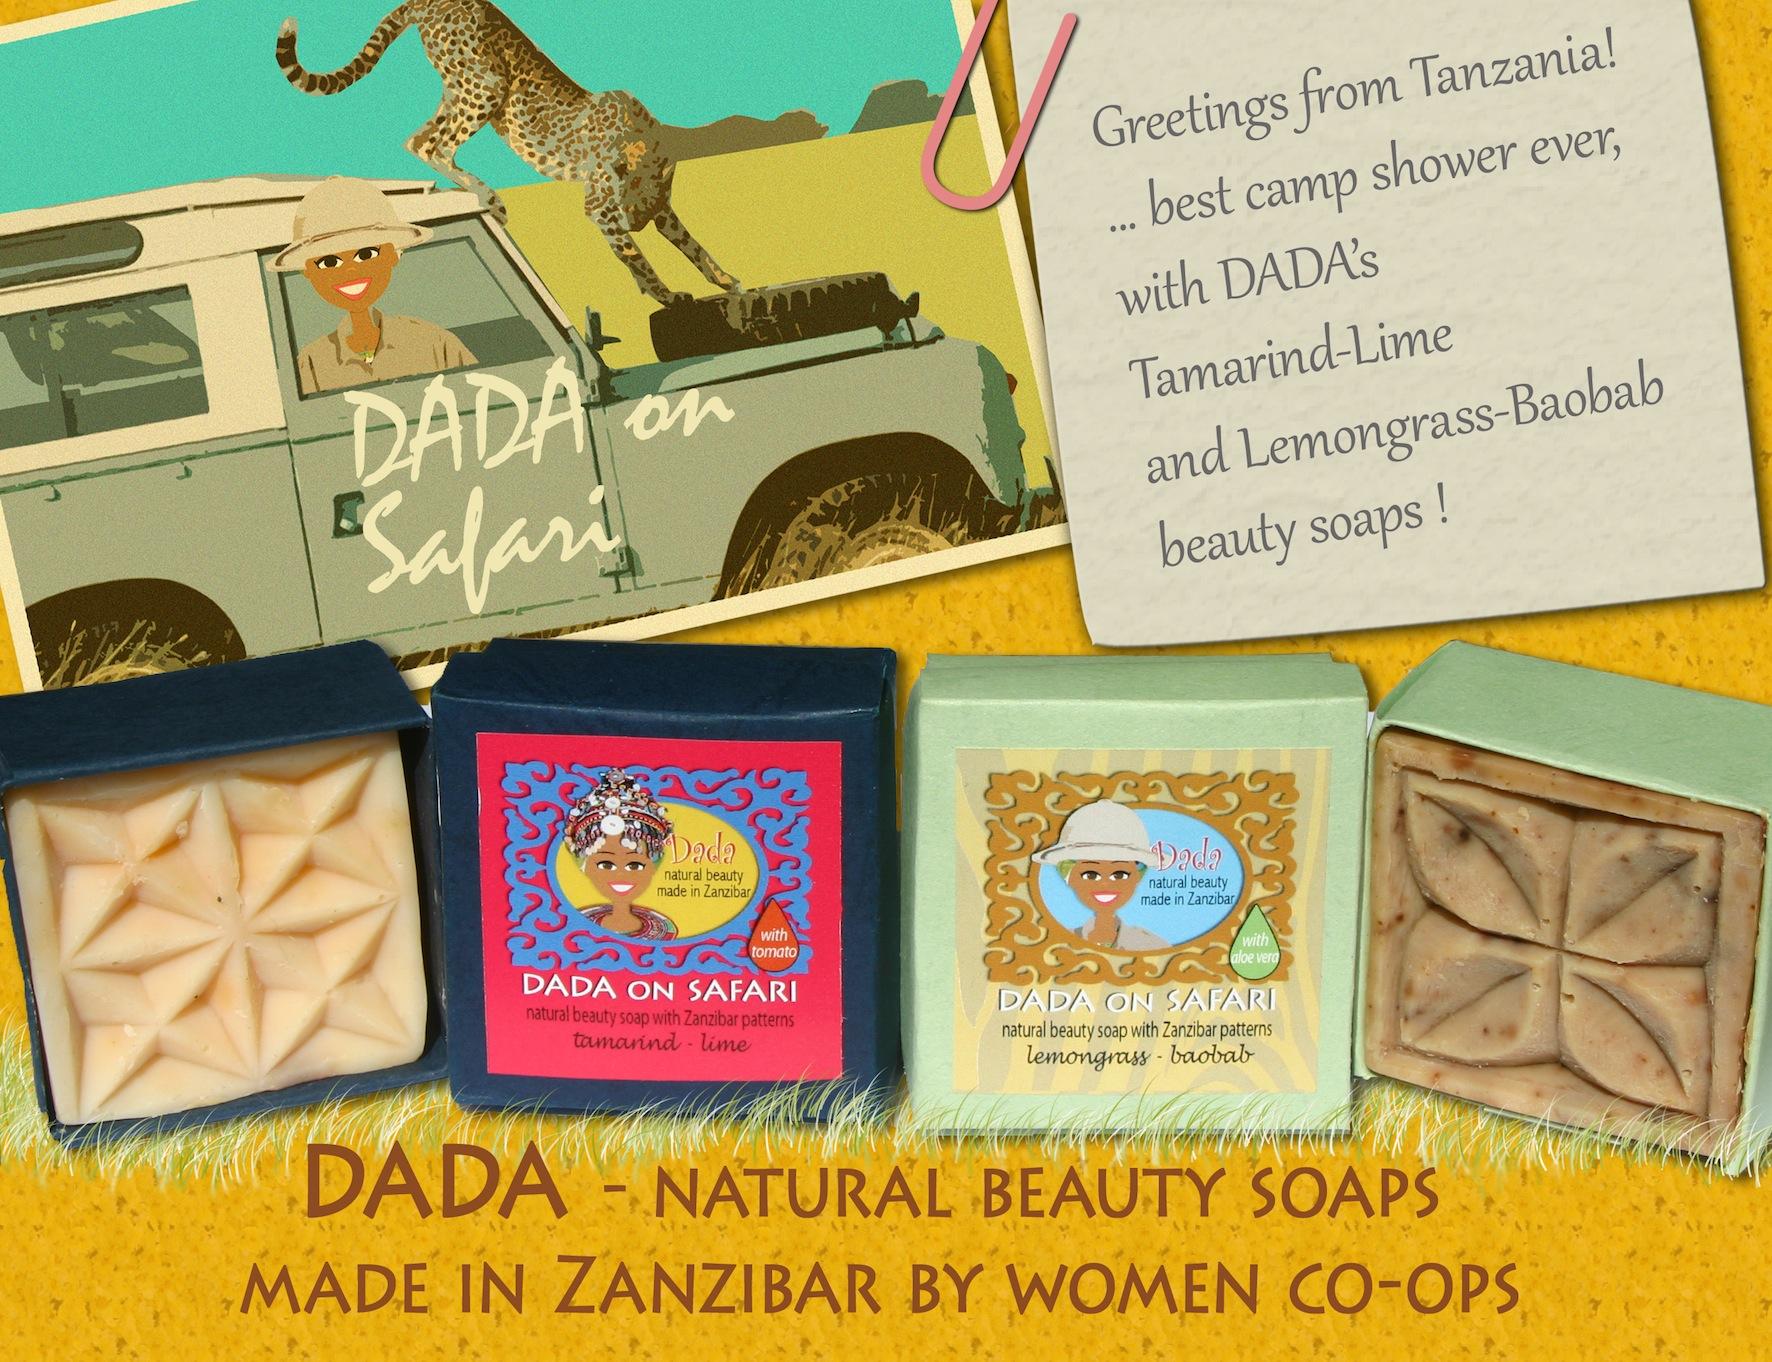 dada on safari